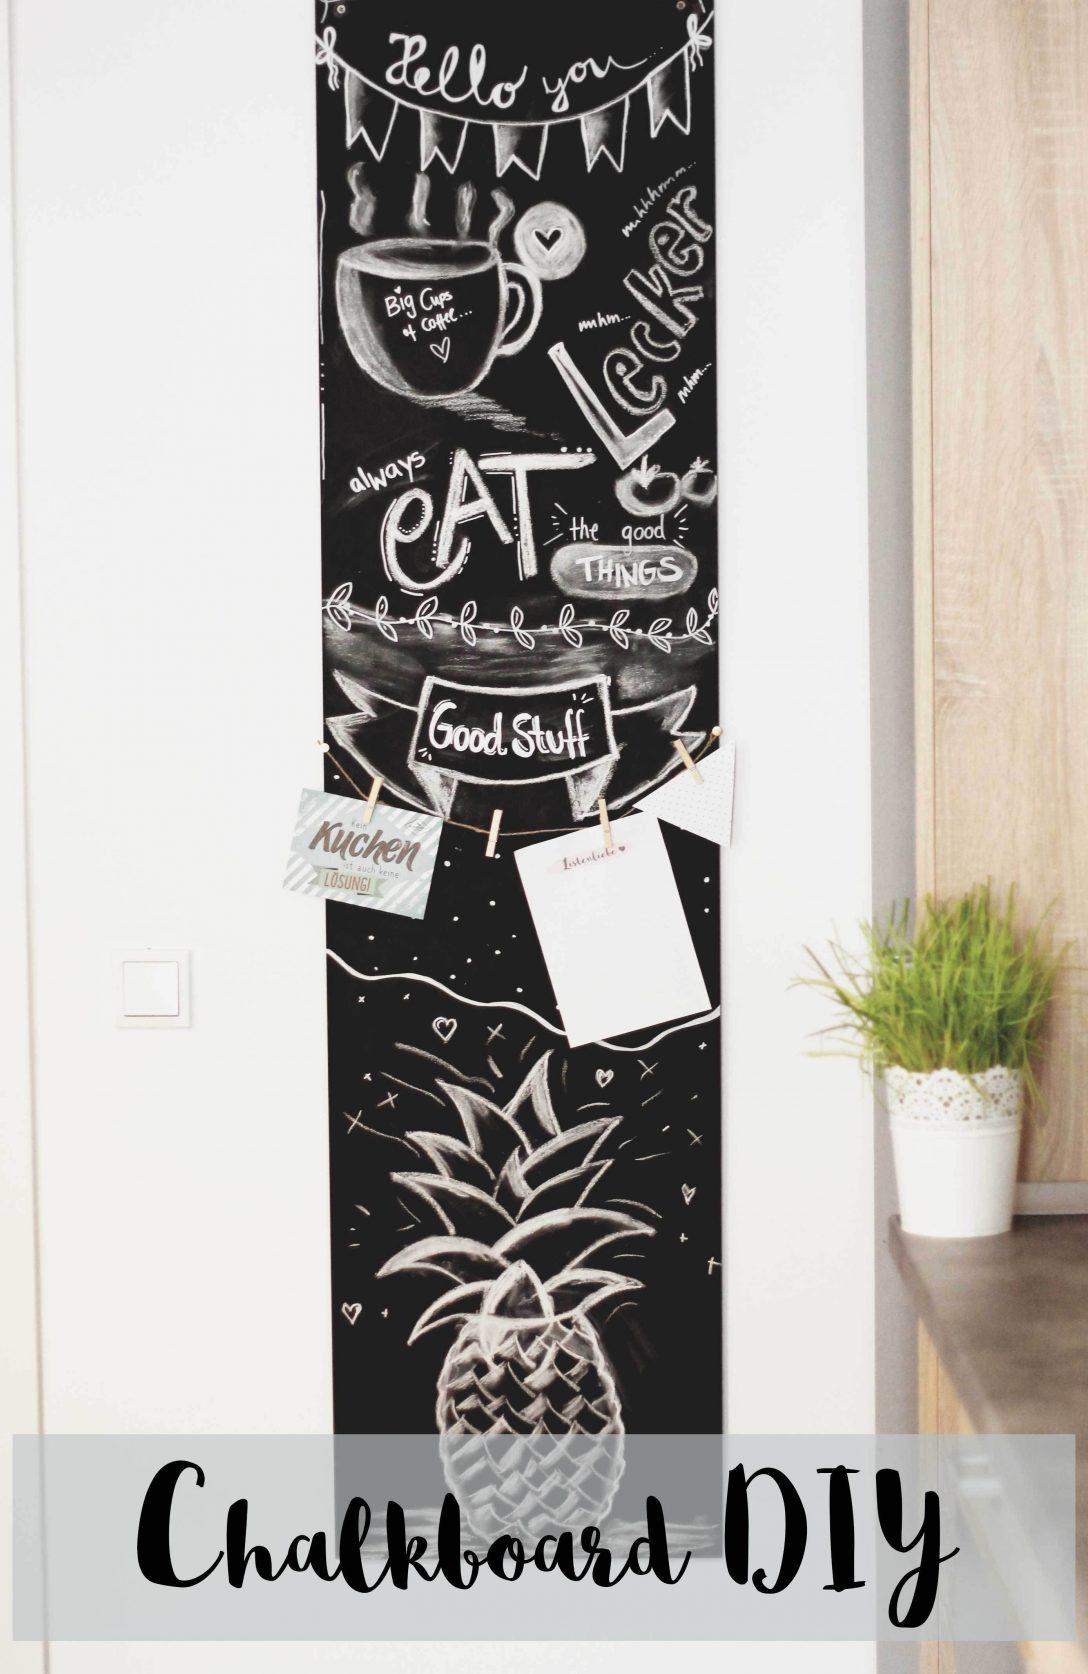 Large Size of Kreidetafel Küche Kaufen Kreidetafel Küche Wand Kreidetafel Küche Selber Machen Küche Mit Kreidetafel Küche Kreidetafel Küche